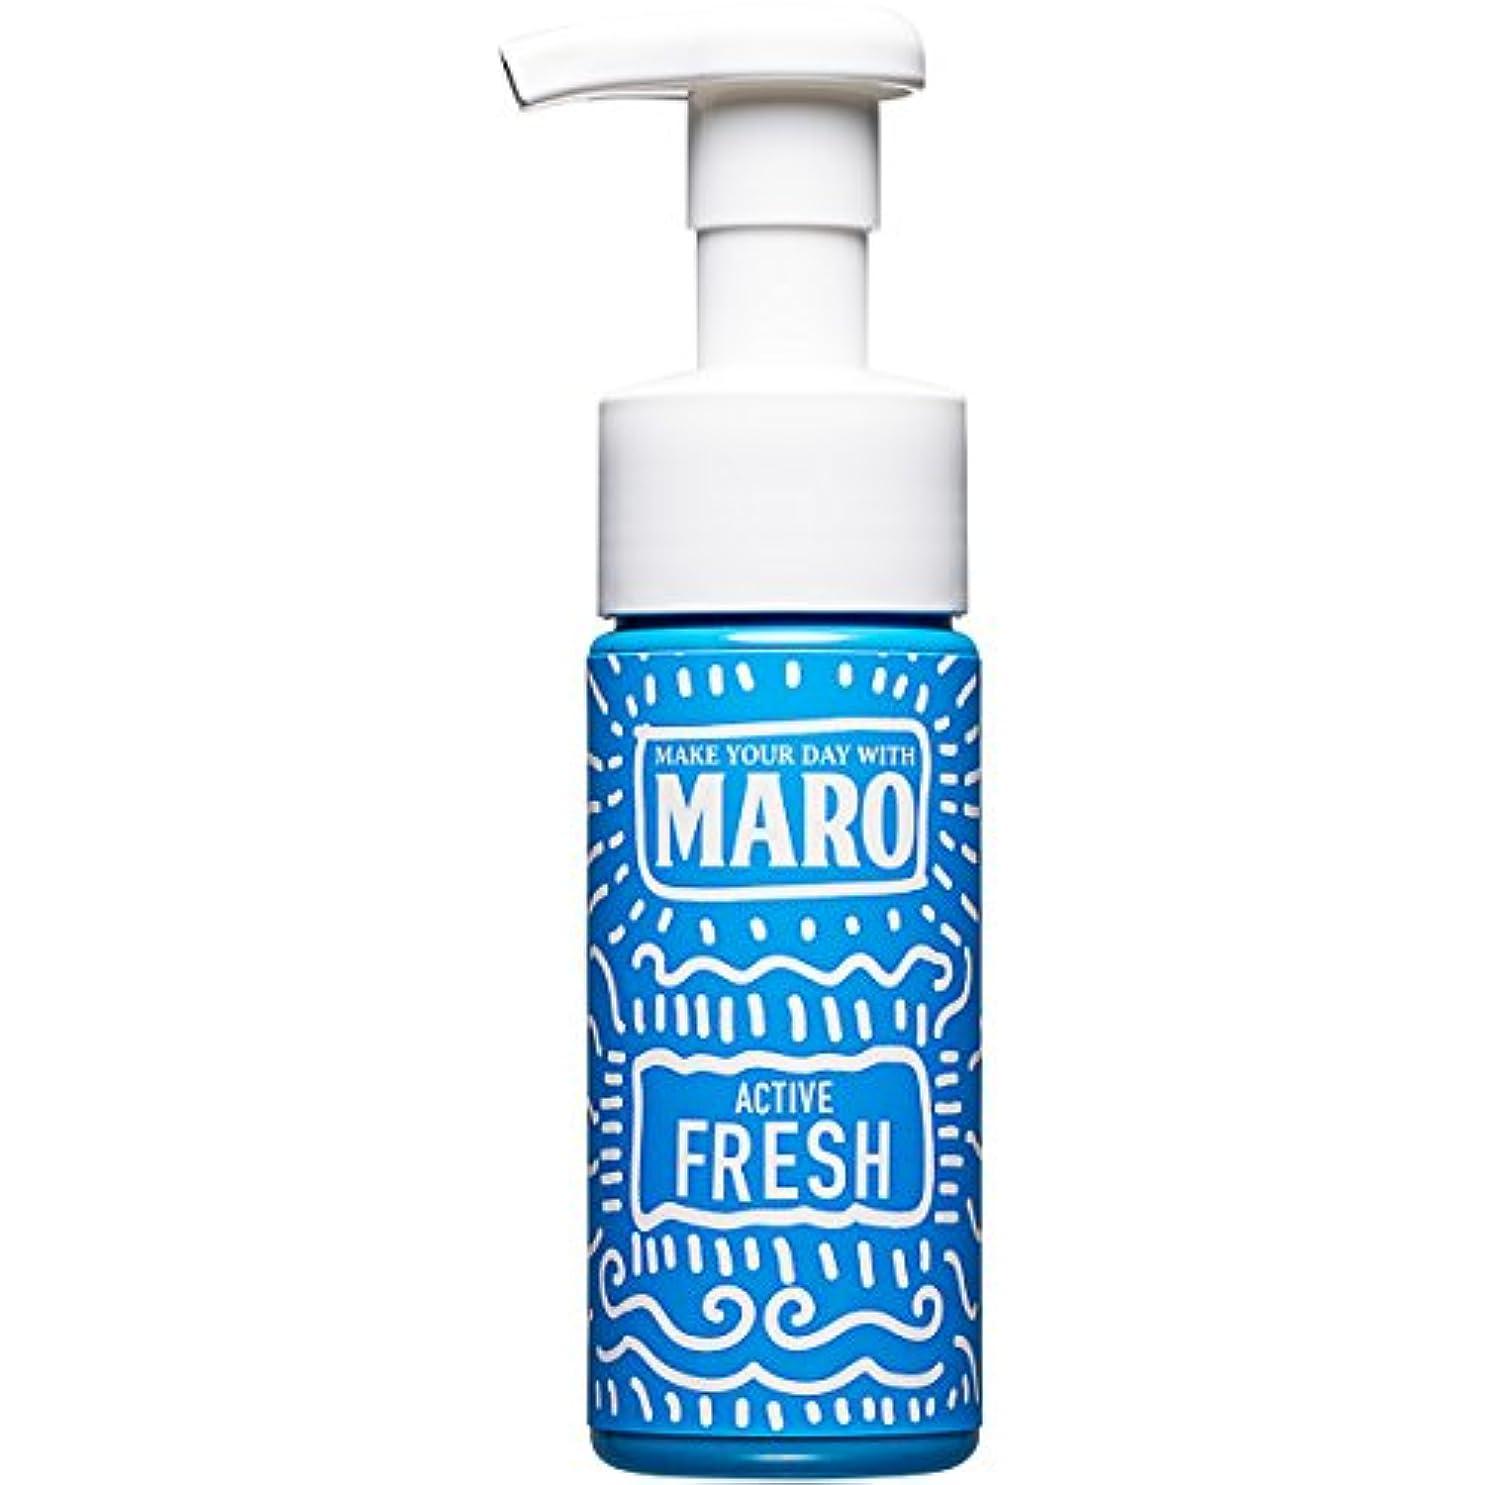 軽減する通行料金酸度MARO グルーヴィー 泡洗顔 アクティブフレッシュ 150ml